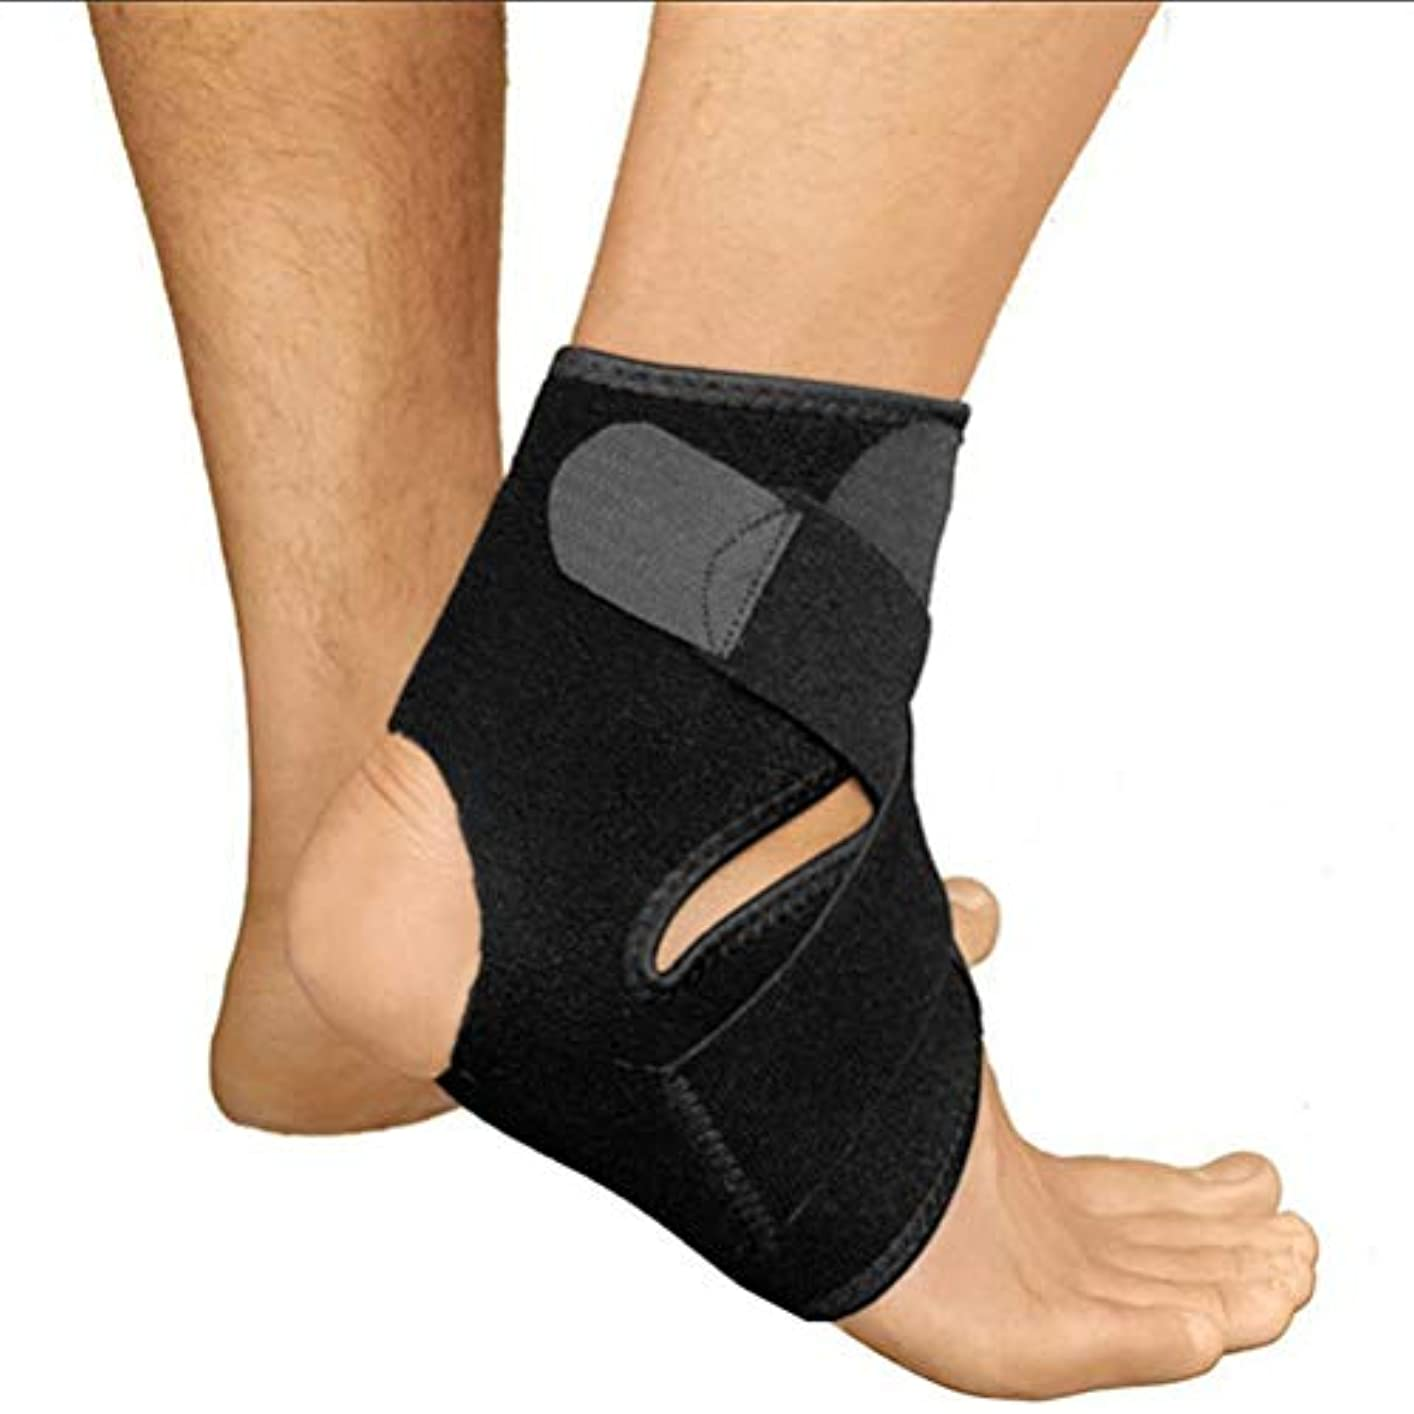 忠実ご飯祈るFlybloom 黒の調整可能なアンチ捻rainフットストラップ洗える圧縮足首プロテクター通気性の足首ブレースサポートストラップ包帯ラップ足の安全性